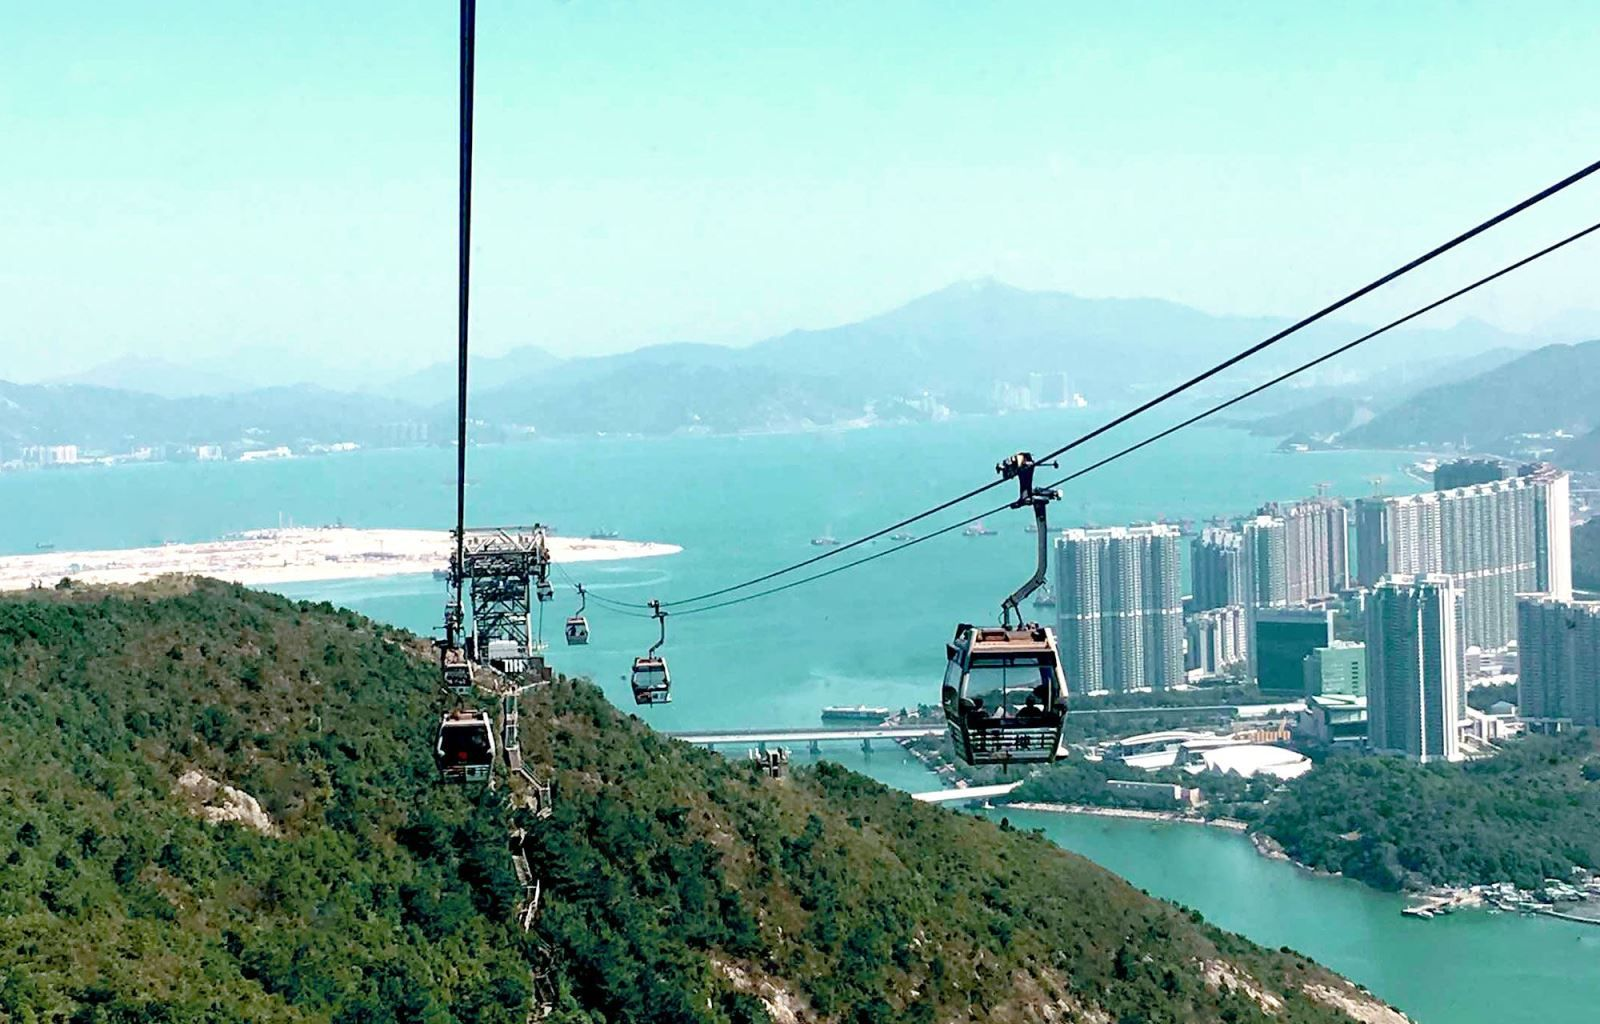 Vista da Ilha de Lantau, oeste do centro de Hong Kong